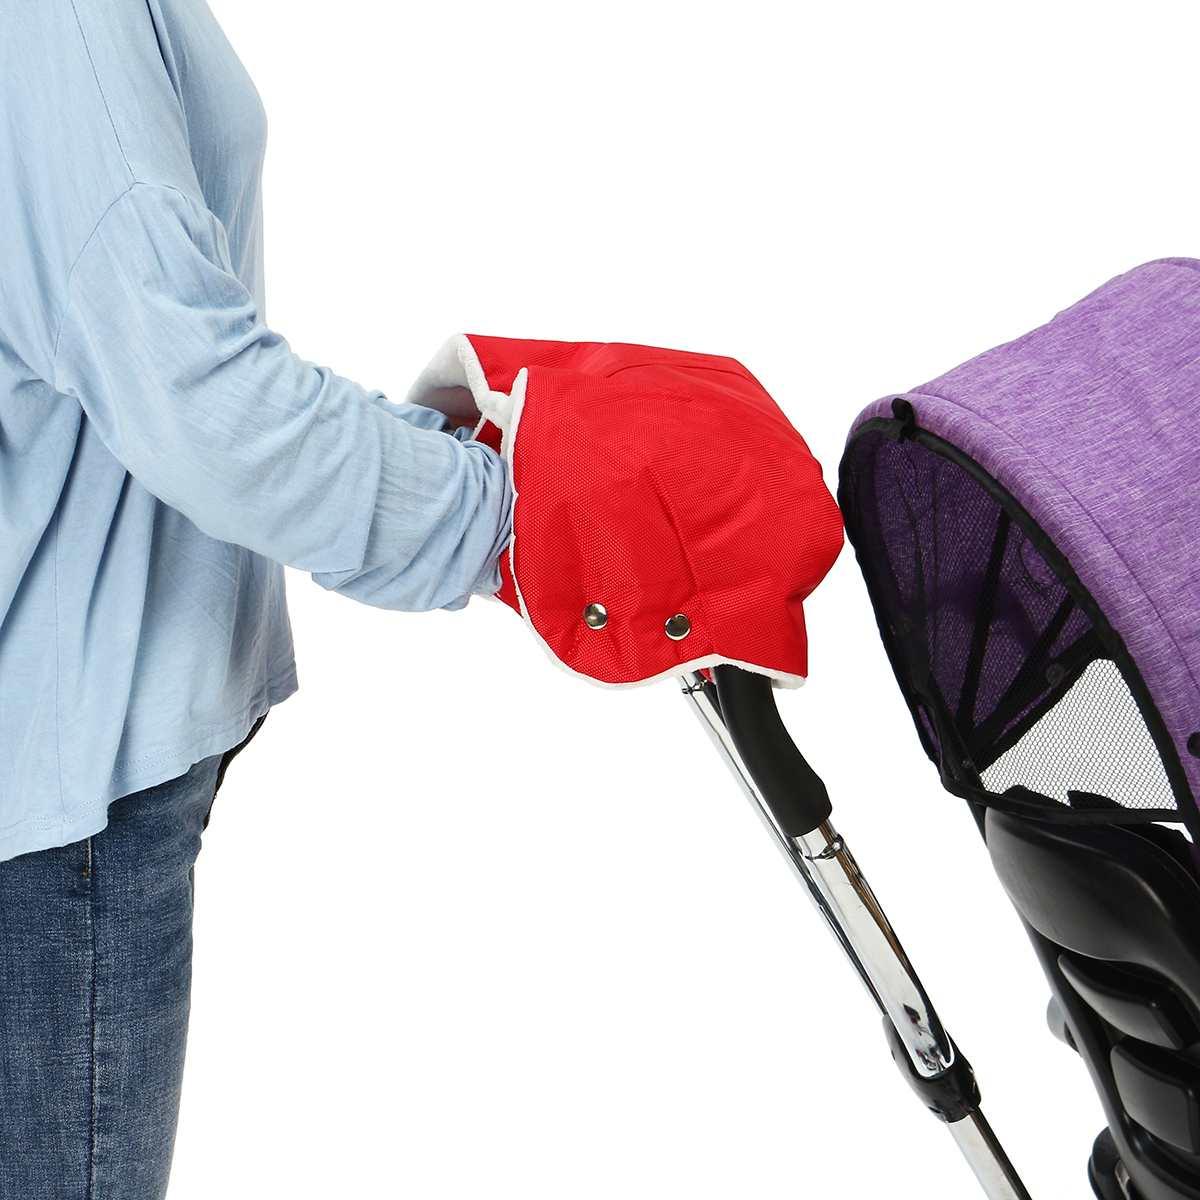 Winter Warm Stroller Gloves Kids Pushchair Hand Muff Waterproof Pram Mitten Baby Clutch Cart Thick Fleece Gloves